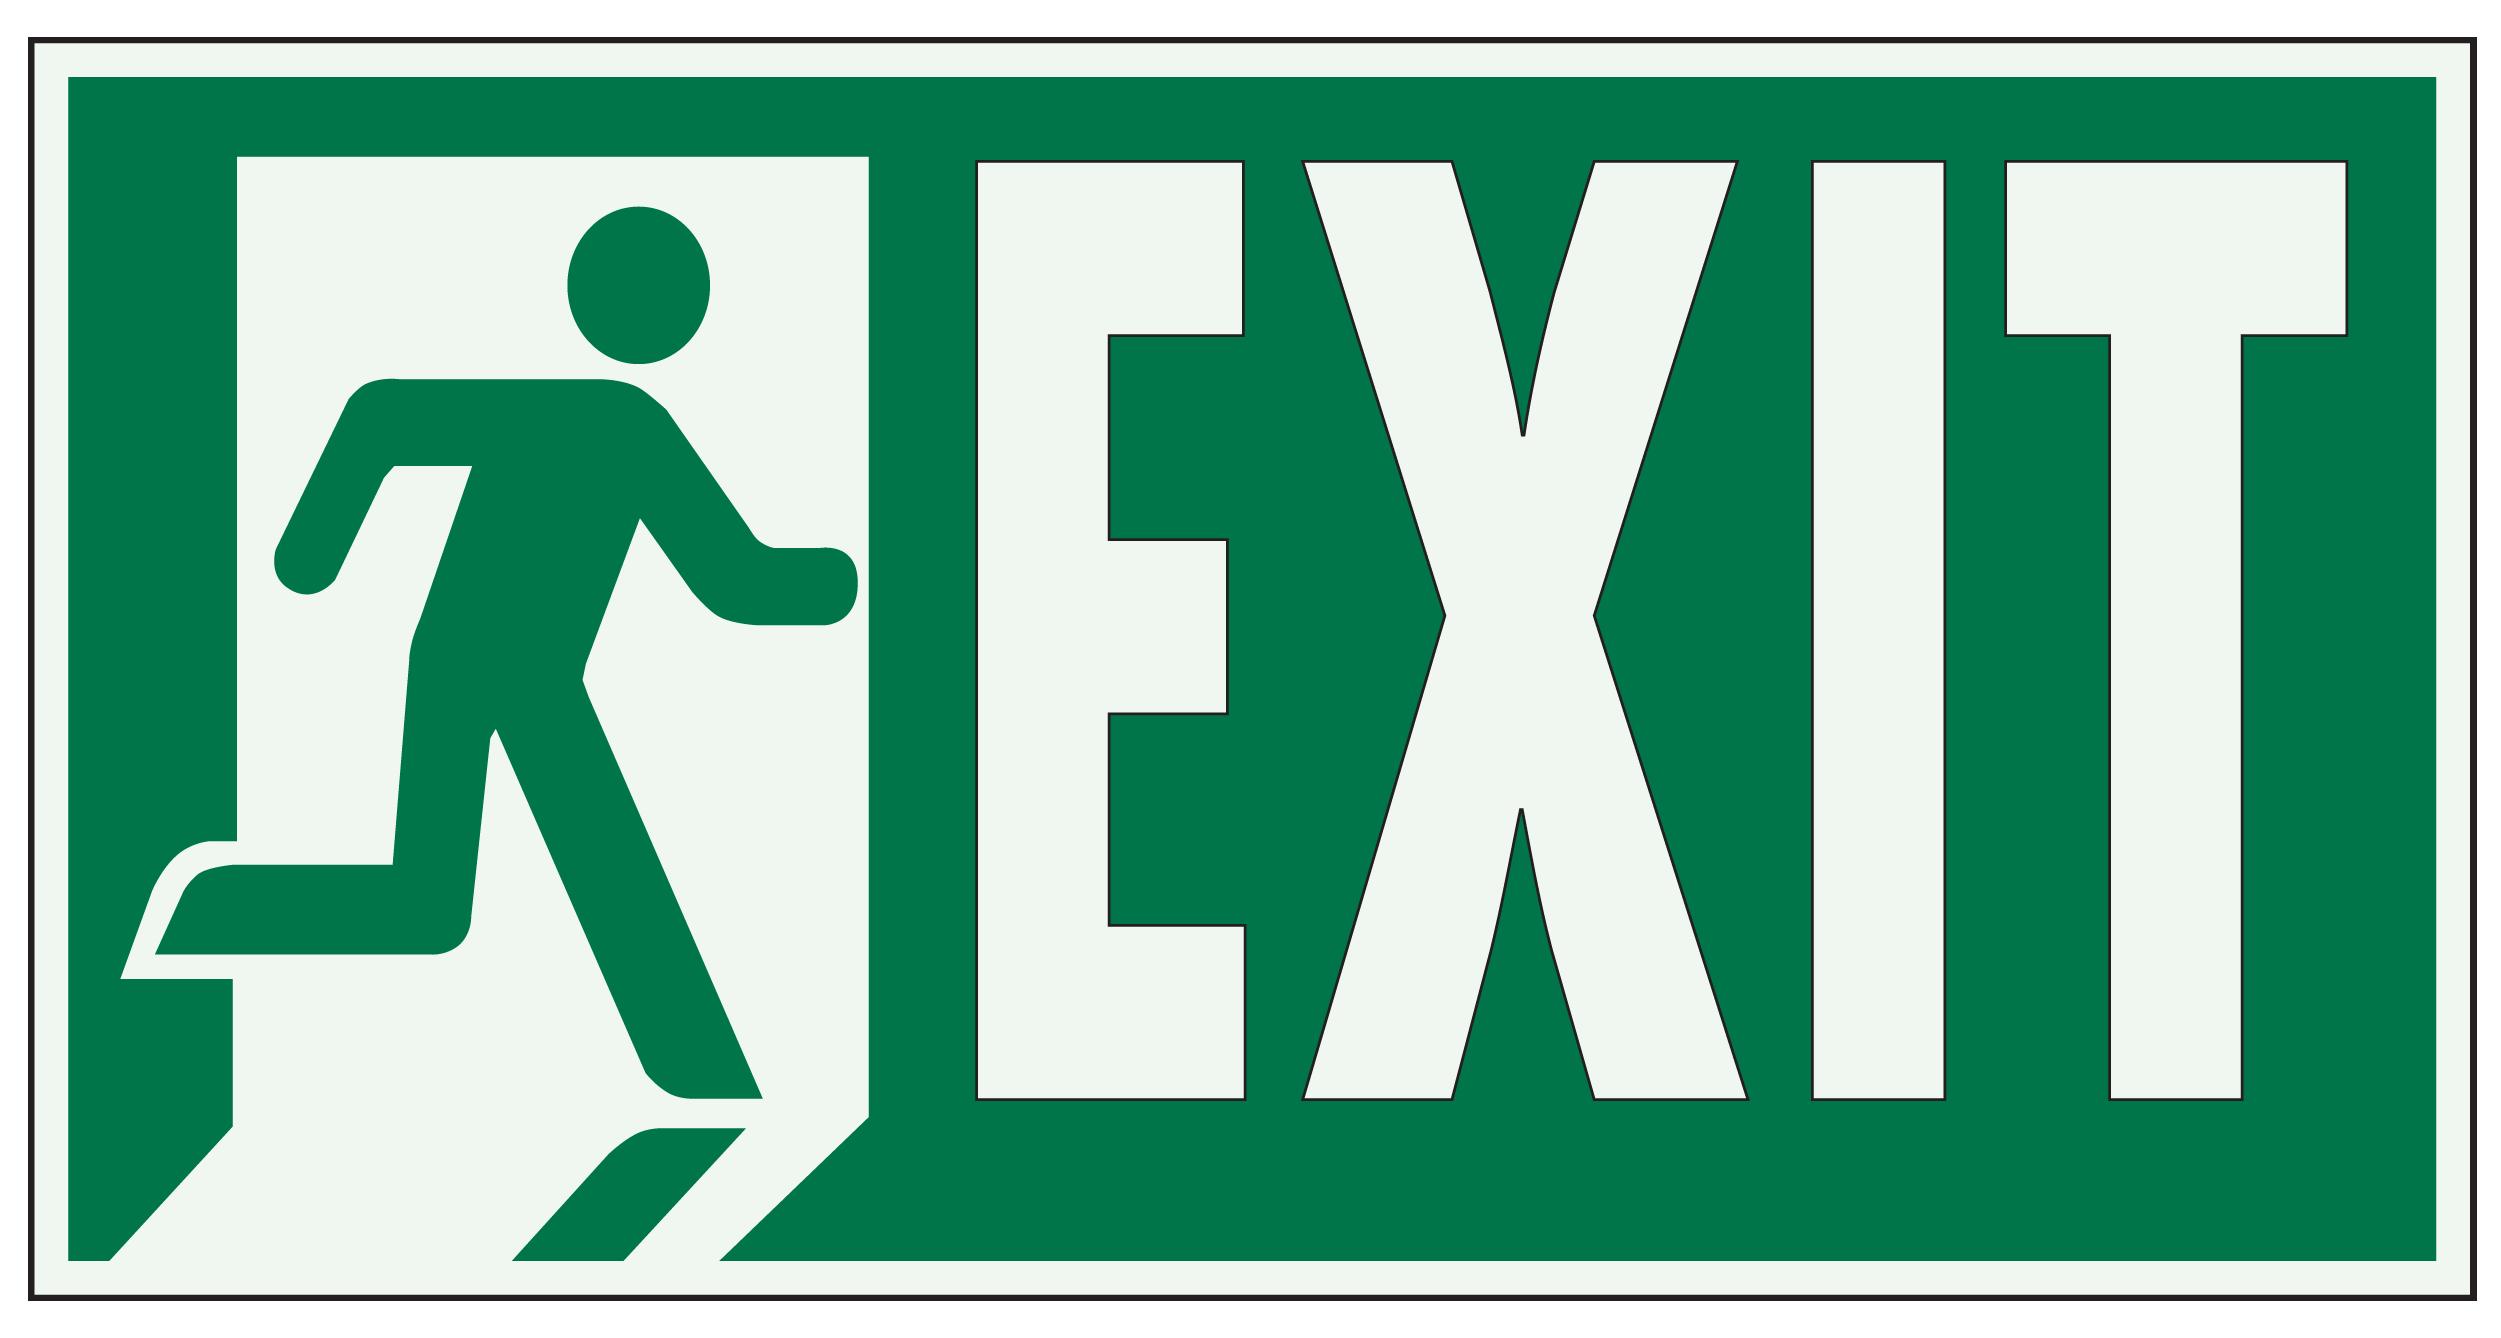 CB-NFPA-EX84